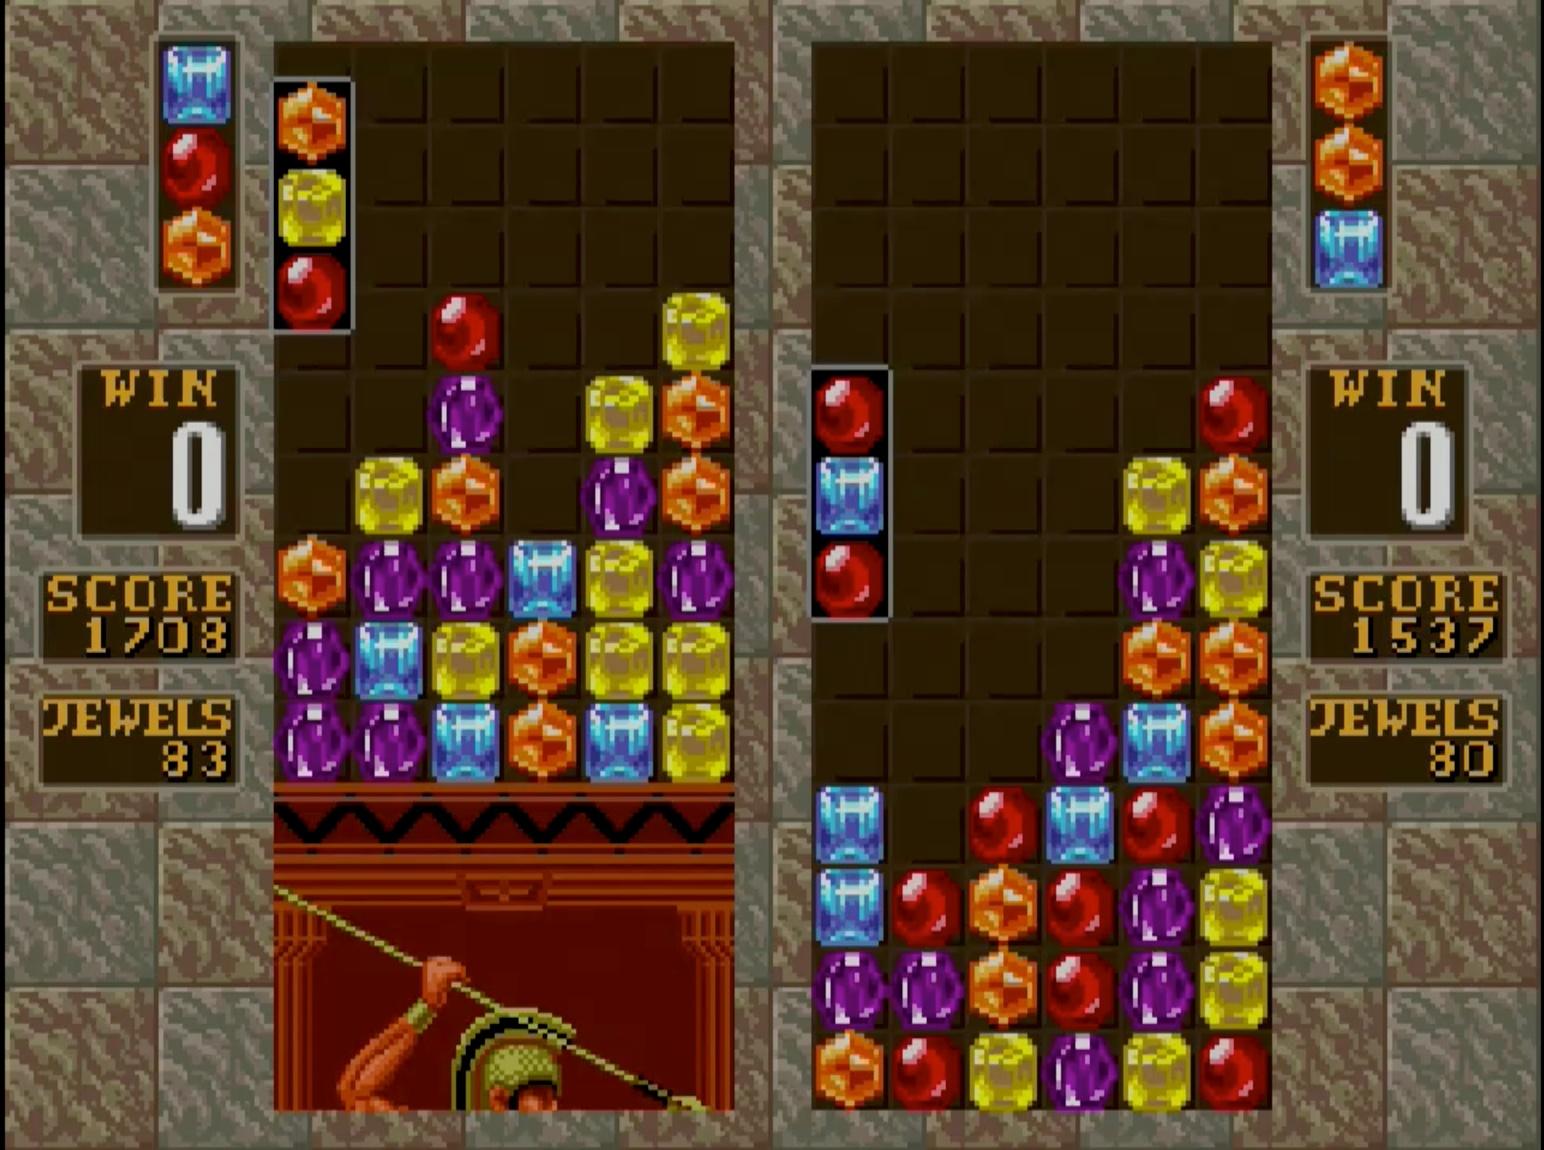 落ちものパズルゲーム第2作。宝石をタテ・ヨコ ・ナナメに3つ以上並べて次々と消していこう! 宝石を消してステージクリアとなる「フラッシュコラムス」や、2人対戦モードの「対戦コラムス」が遊べる